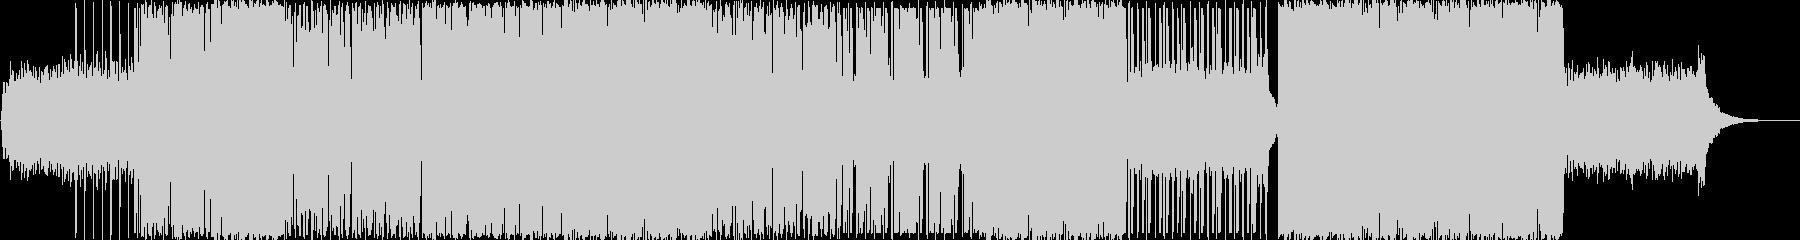 ヒップホップ/ラップ/王道/ヘビー/#1の未再生の波形